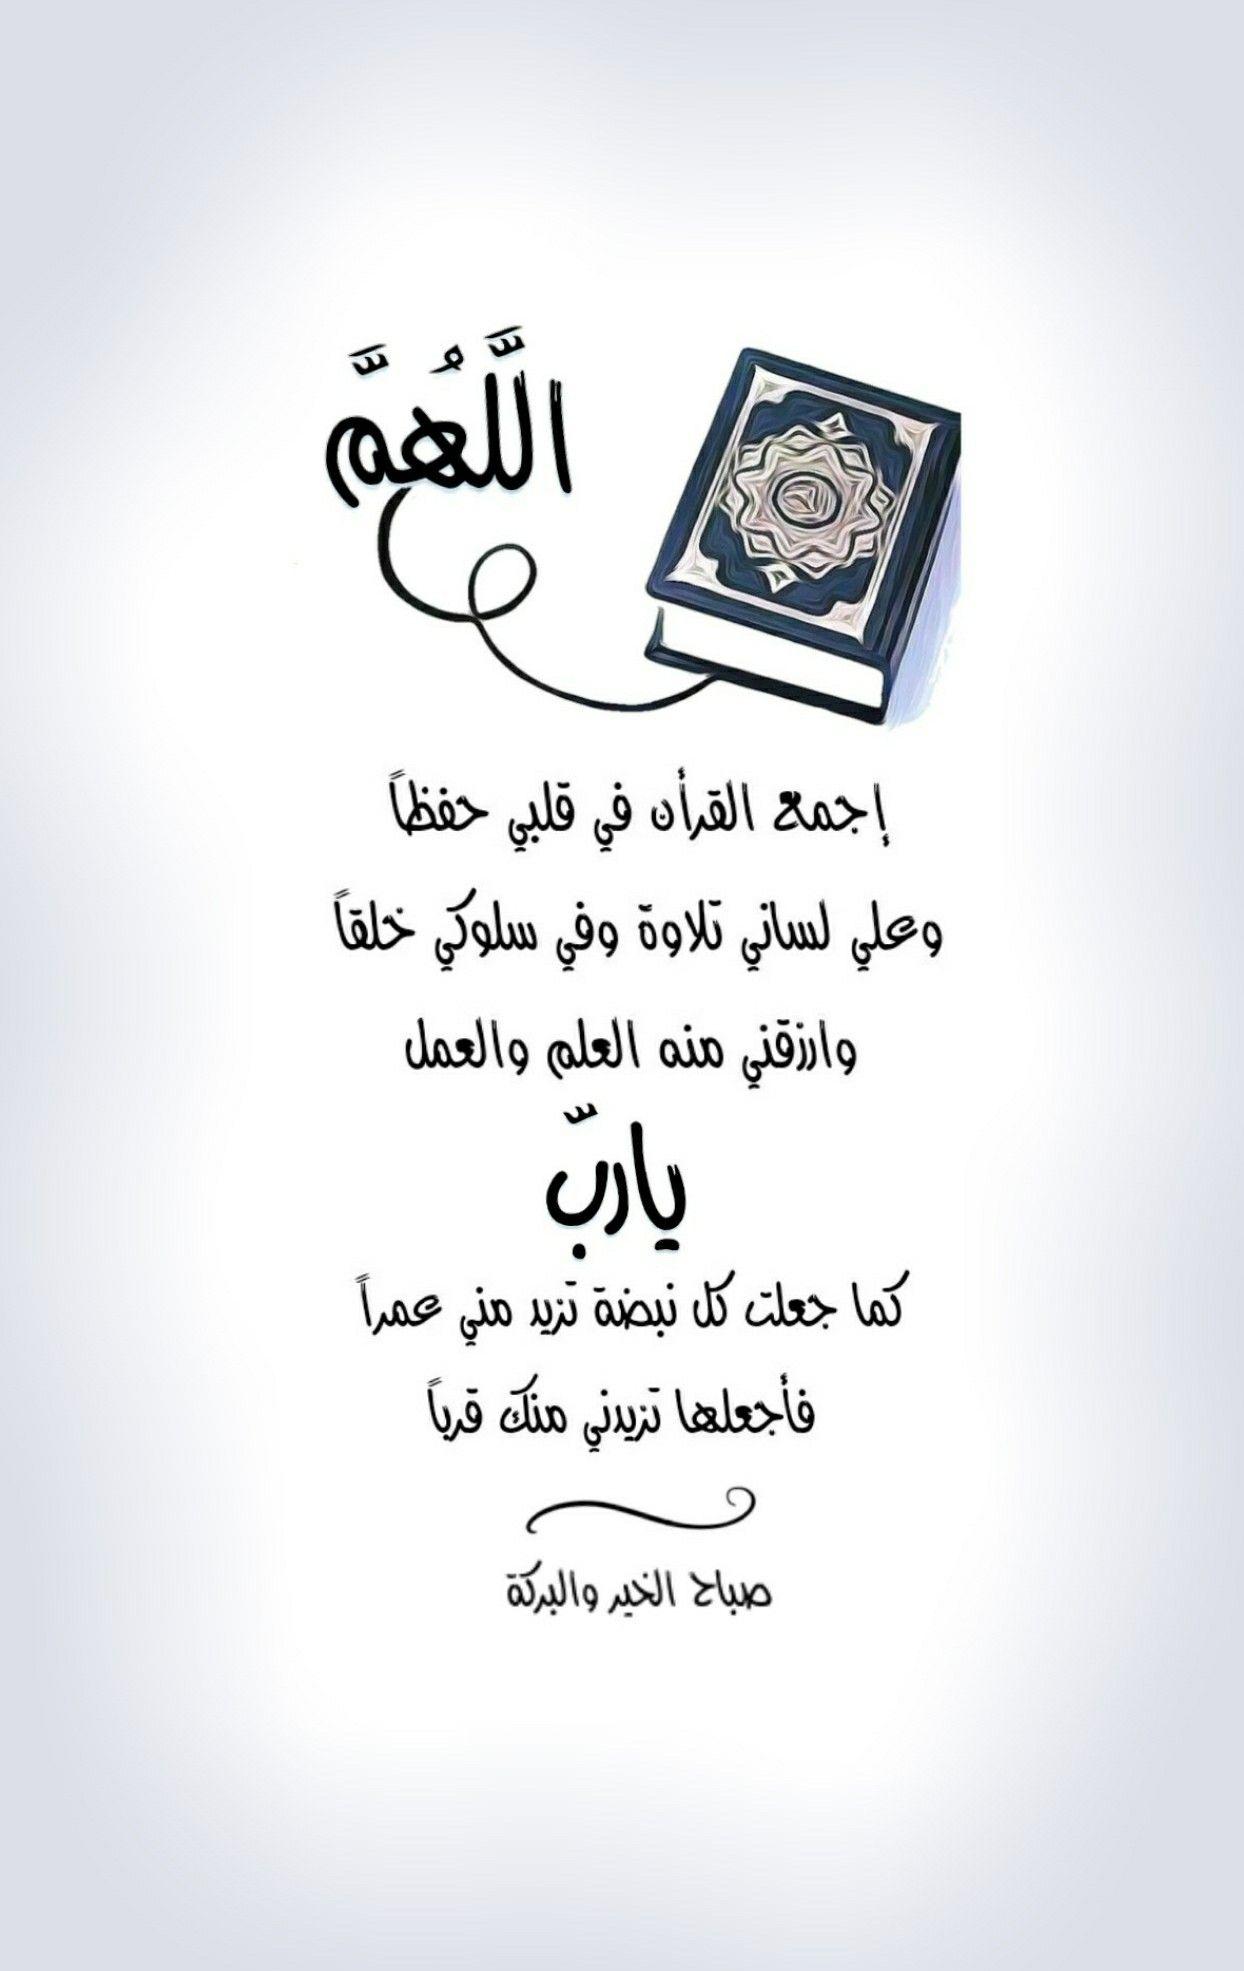 الل ه م إجمع القرأن في قلبي حفظا وعلي لساني تلاوة وفي سلوكي خلقا وارزقني منه العل Ramadhan Quotes Islamic Inspirational Quotes Islamic Quotes Quran